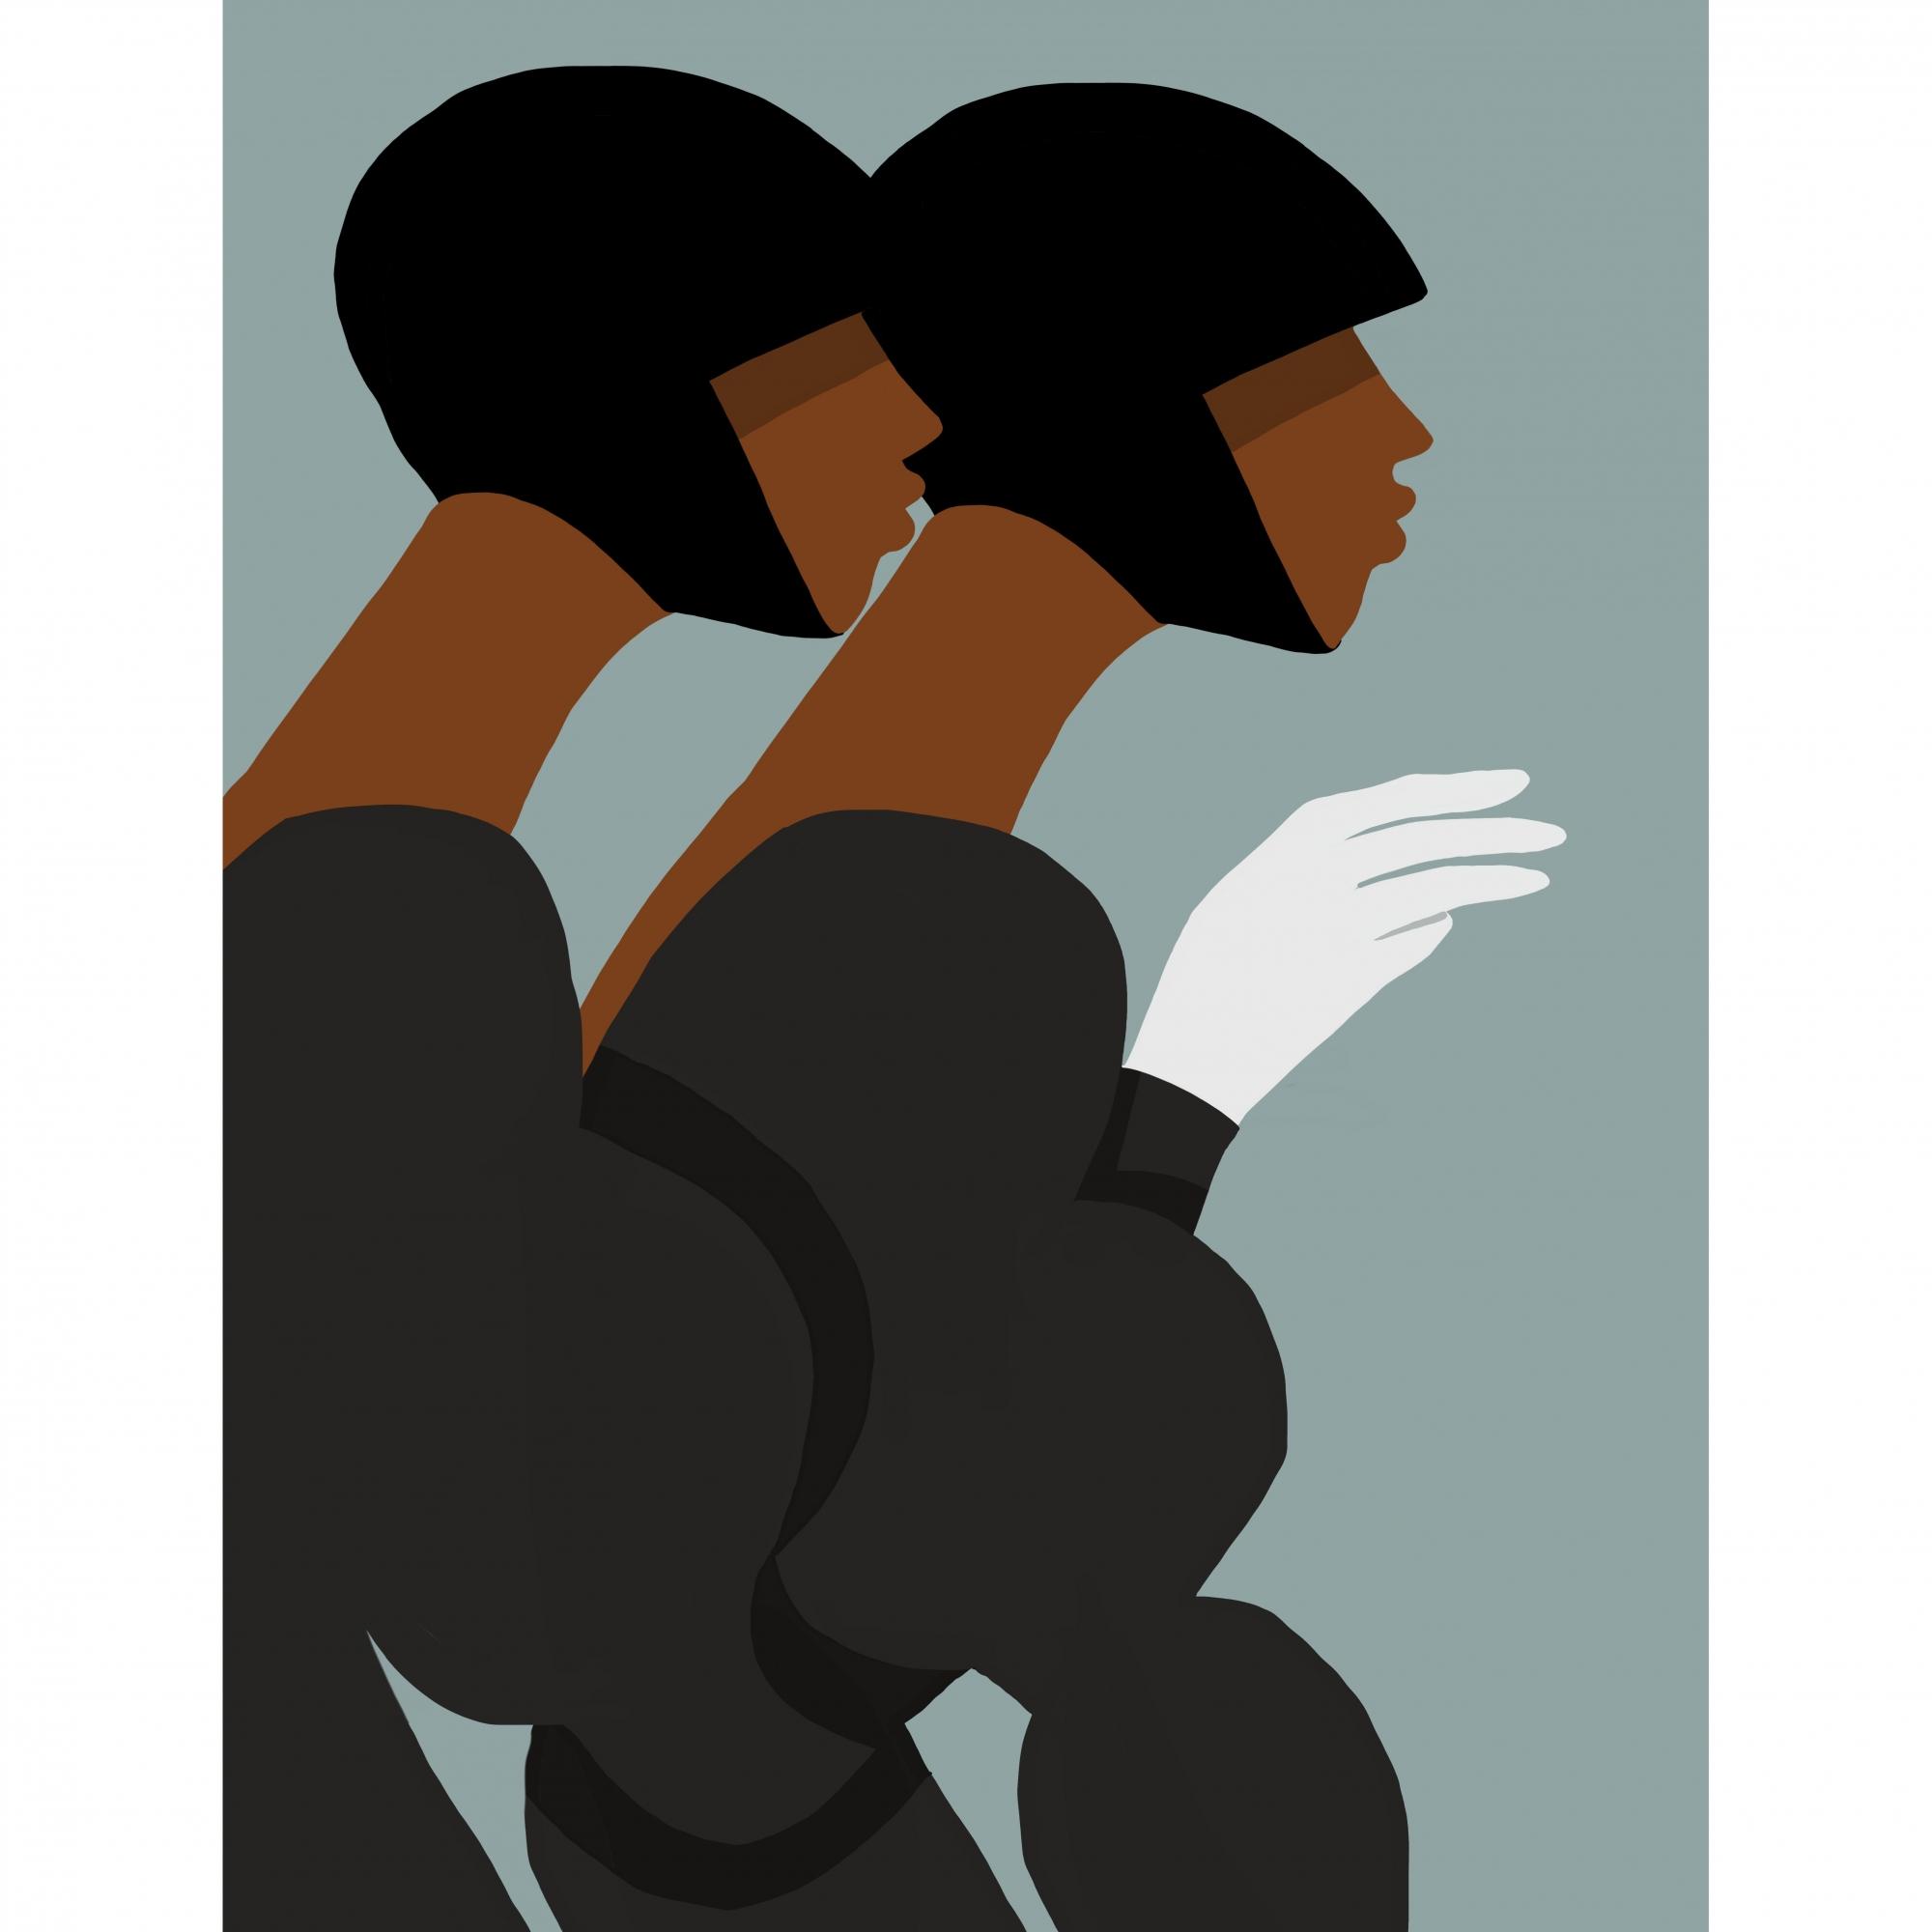 Les Deux by Nick Bahizi